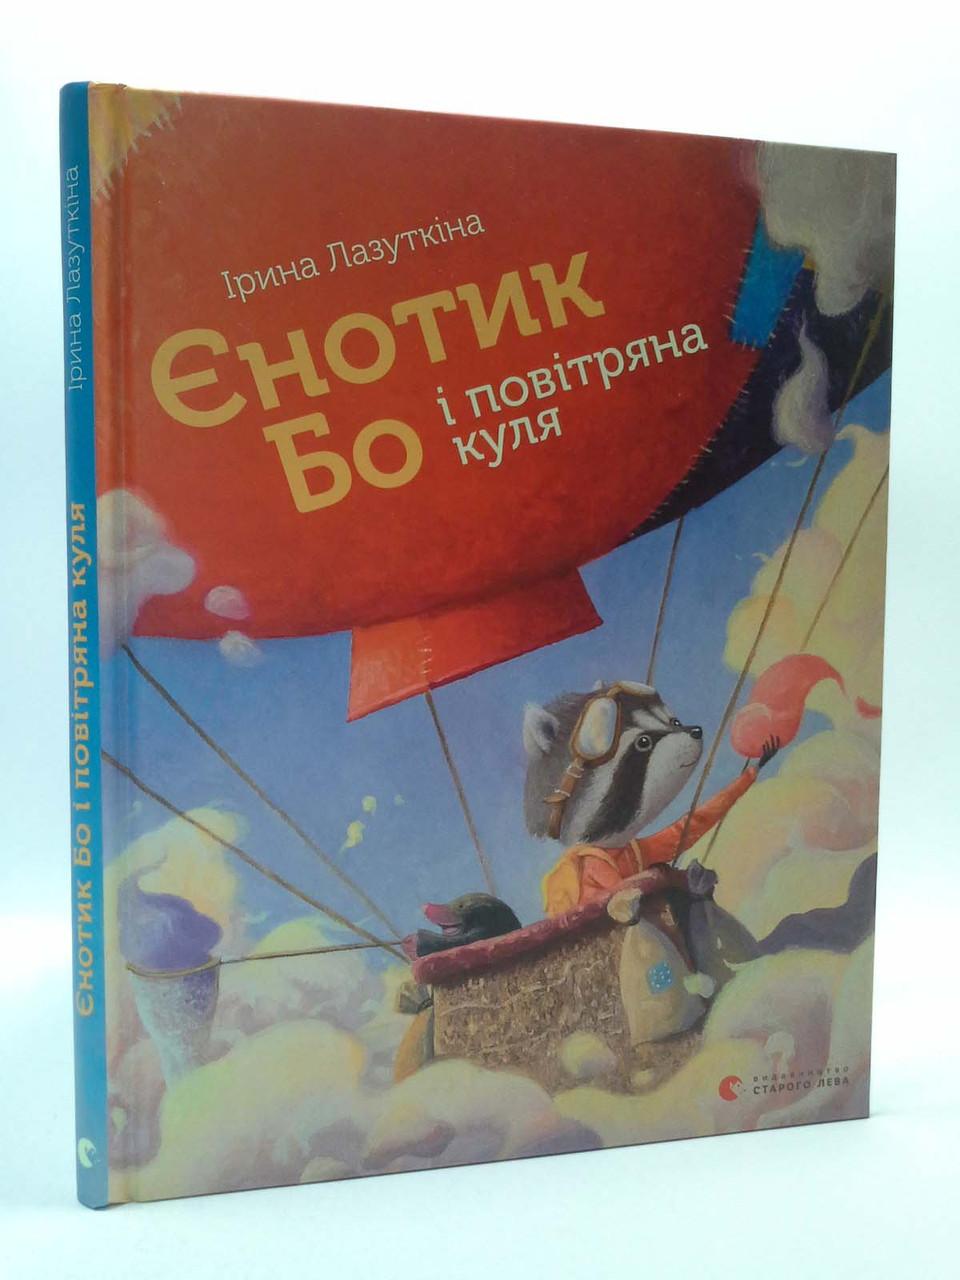 ВСЛ Лазуткіна Єнотик Бо і повітряна куля Видавництво Старого Лева